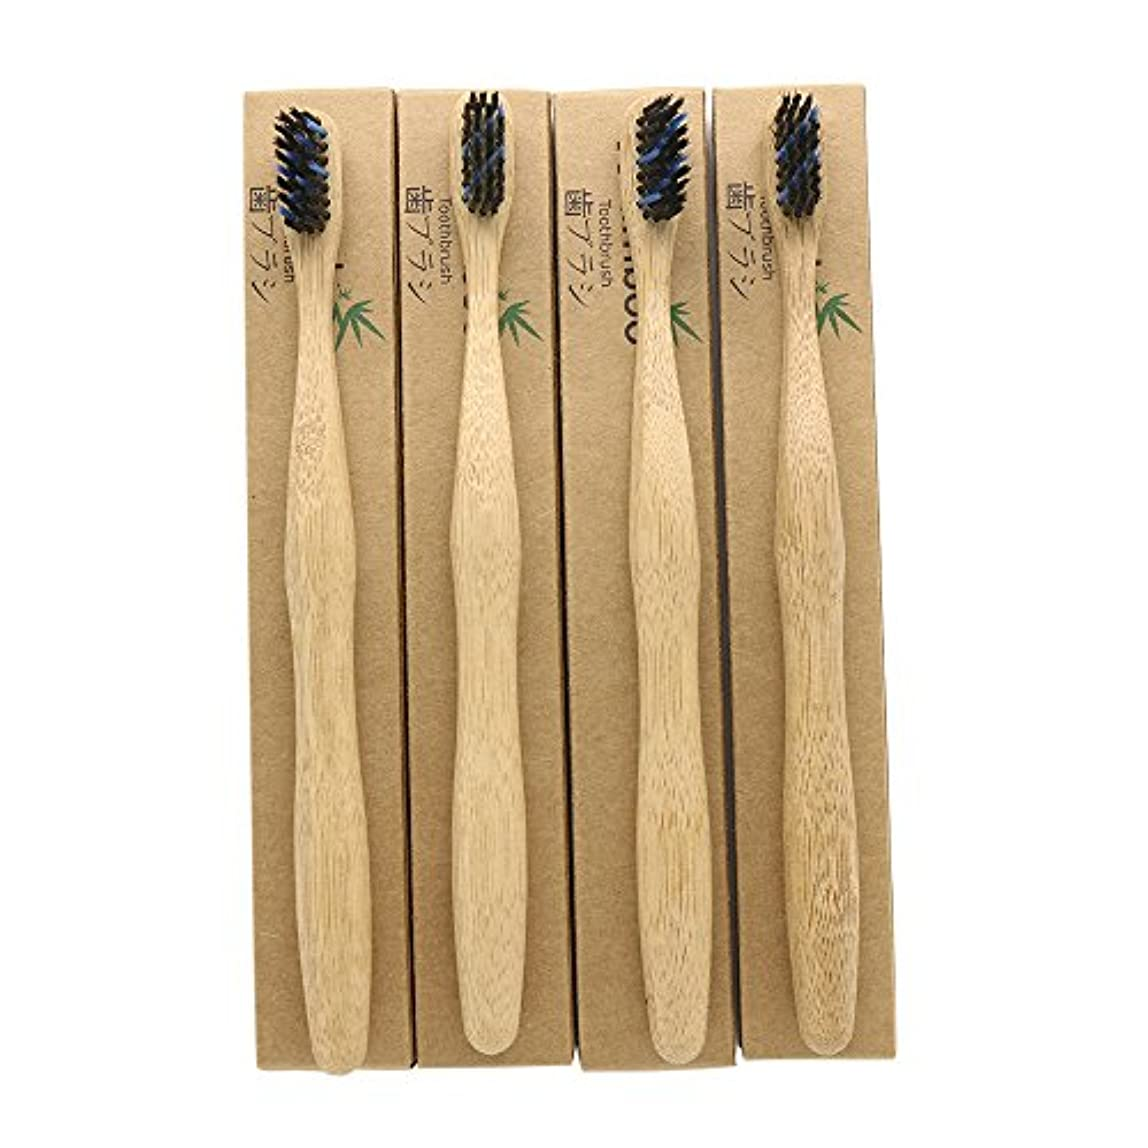 夏どれ着替えるN-amboo 竹製耐久度高い 歯ブラシ 黒いと青い 4本入り セット